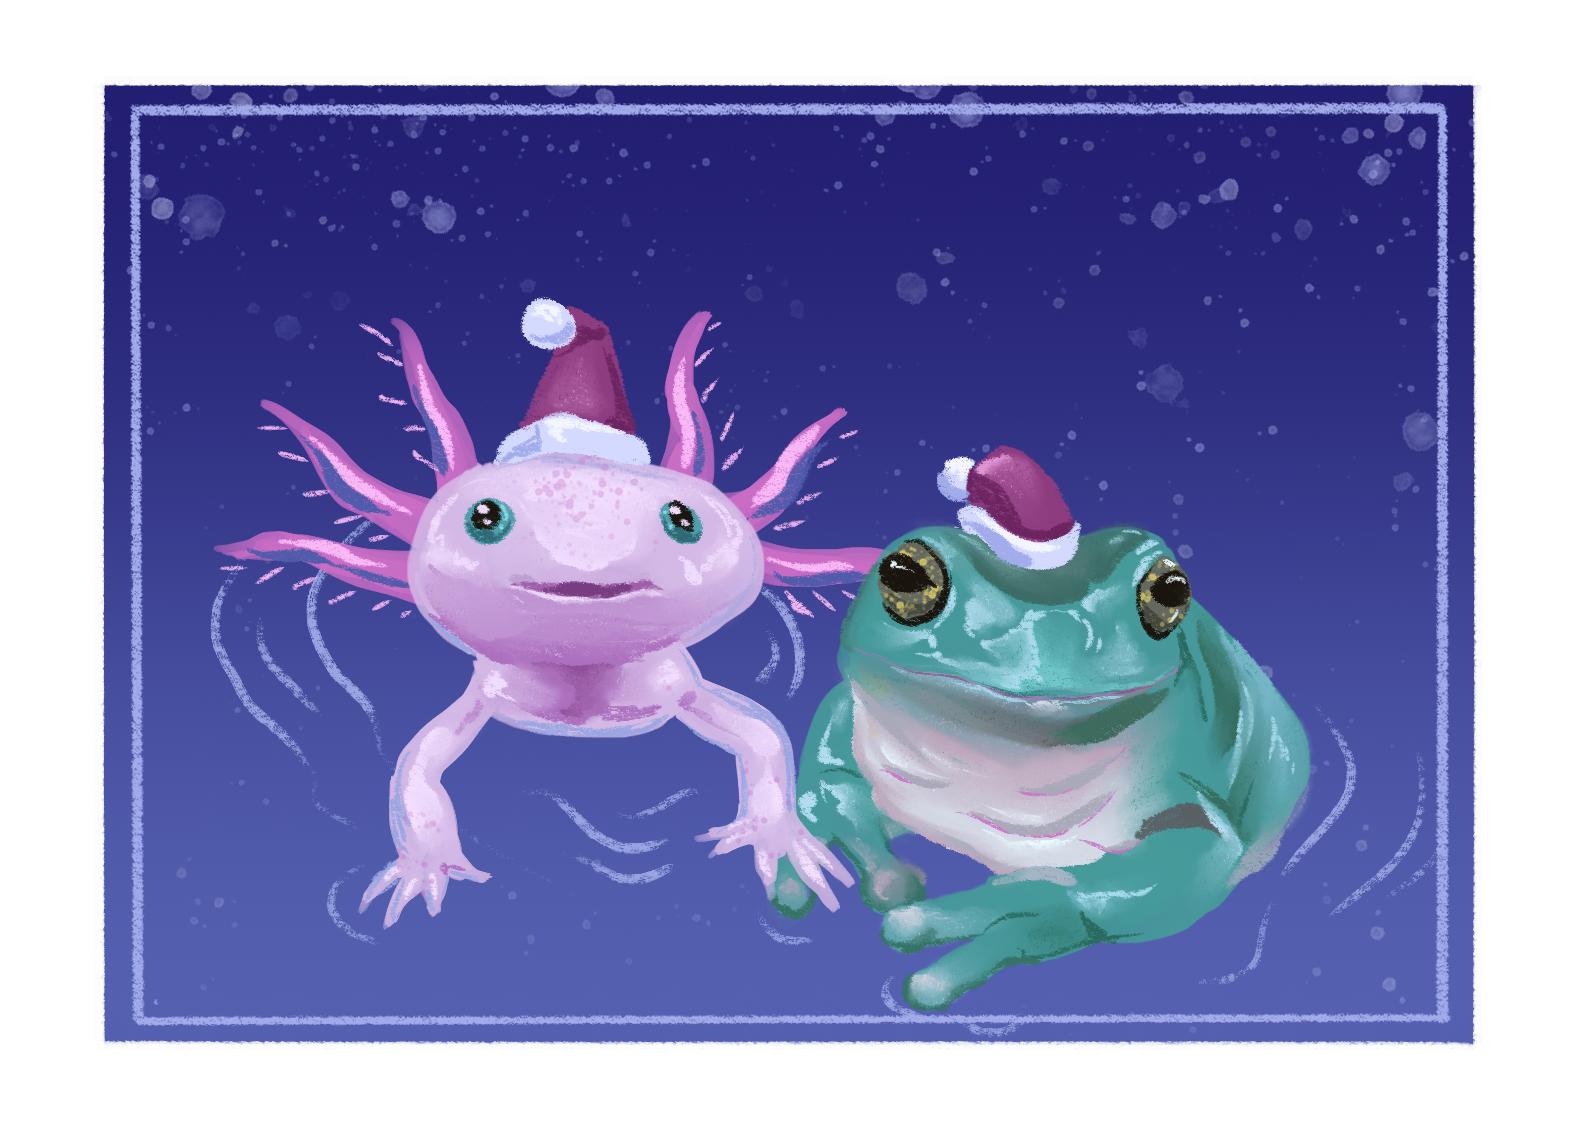 Festive axolotl and frog.